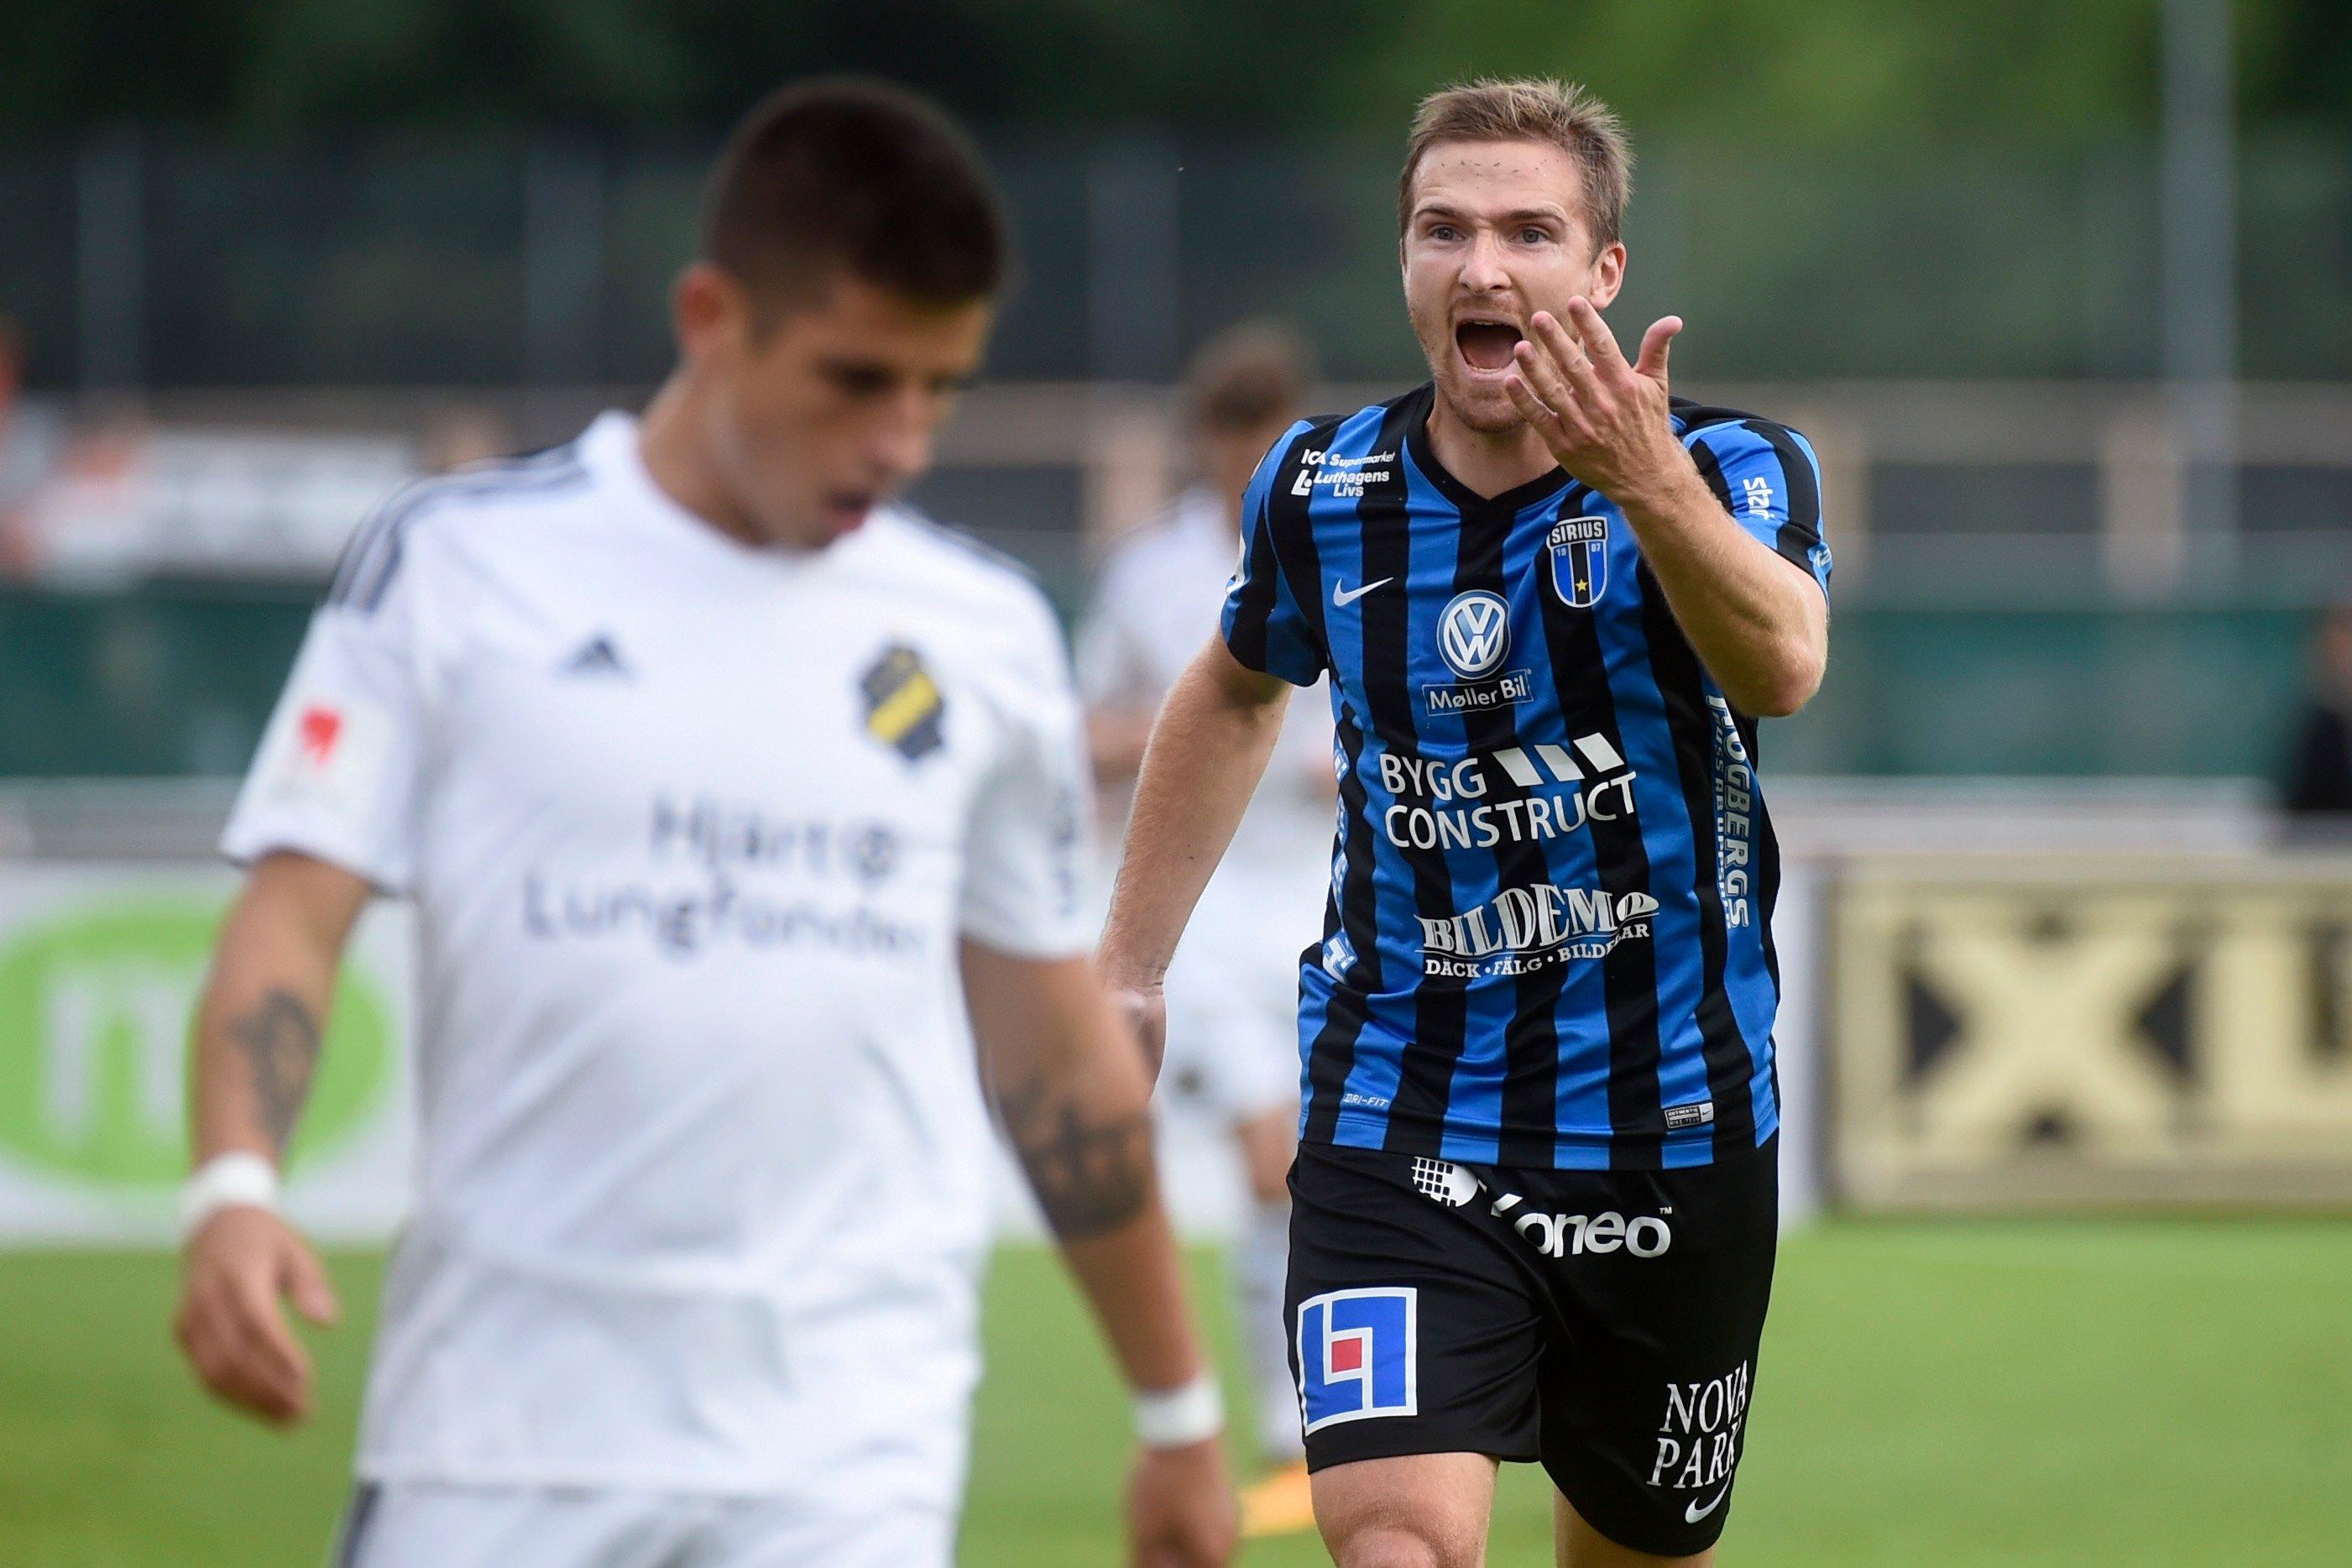 Allsvenskan ar inte bra men rolig